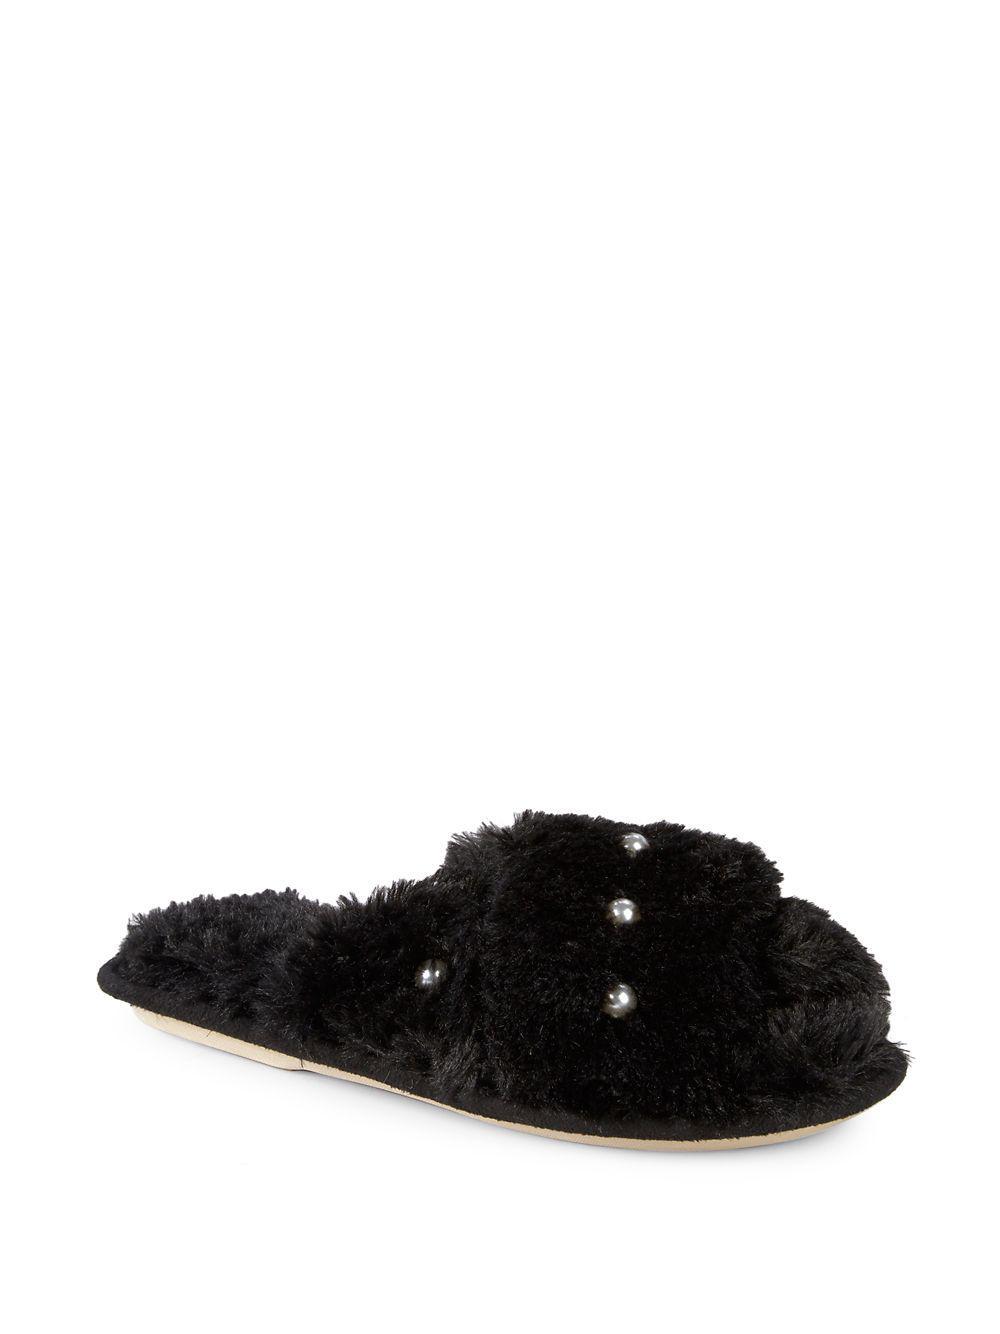 bf889aa4bae7 Kensie Embellished Faux Fur Slippers in Black - Lyst